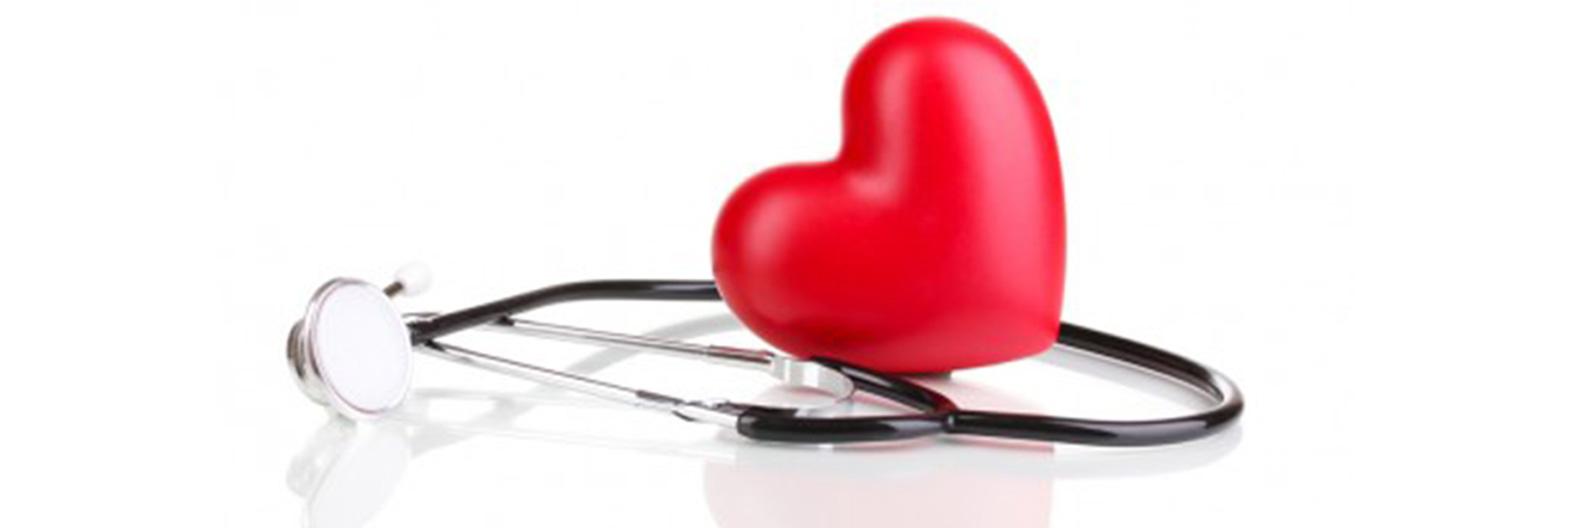 Vaistinėje – žalingi maisto papildai - Aktualijos - Ligos, sveikata, vaistai - jusukalve.lt